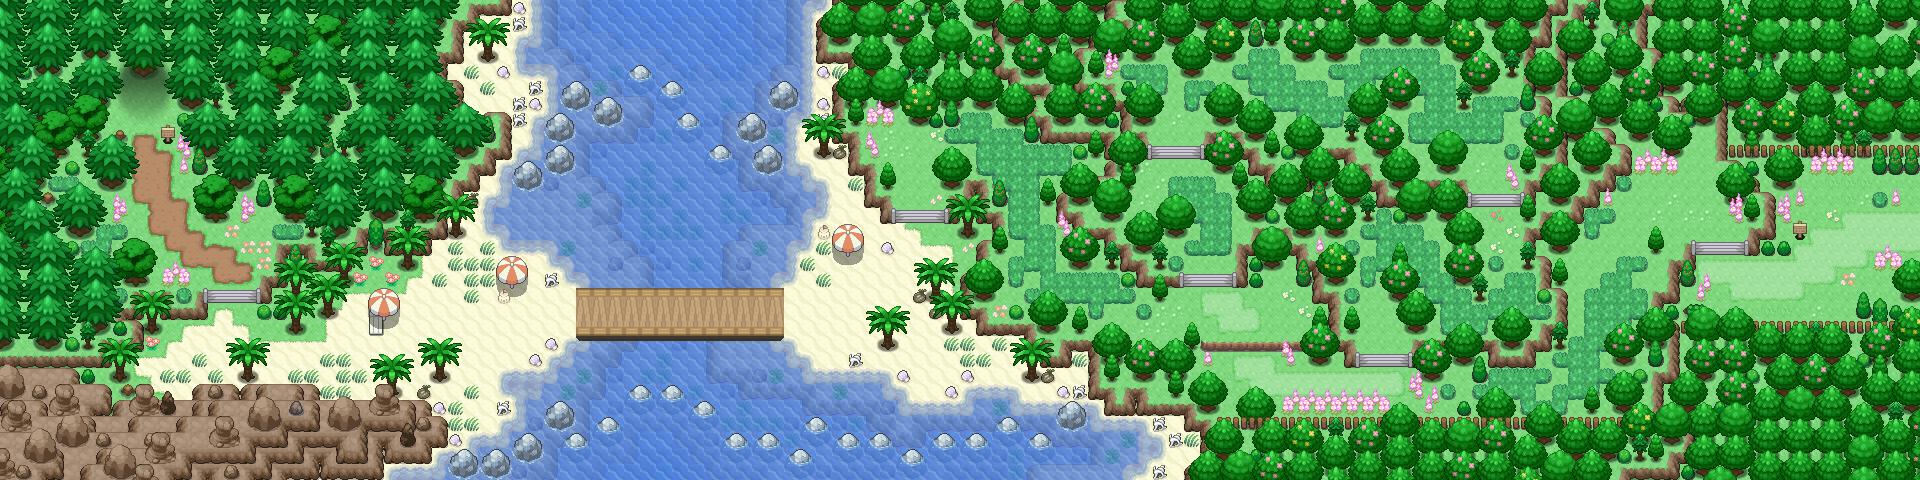 Pokémon-Map: Bundbrücke